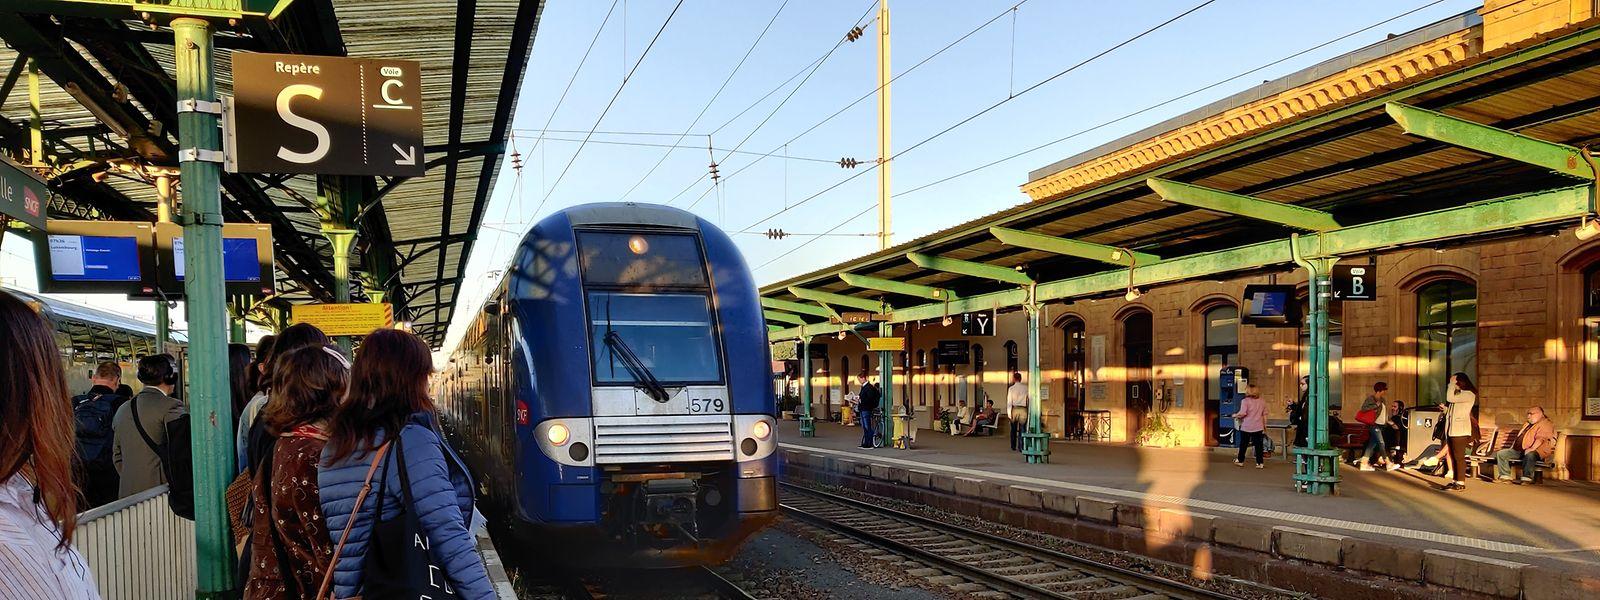 Thionville Gare